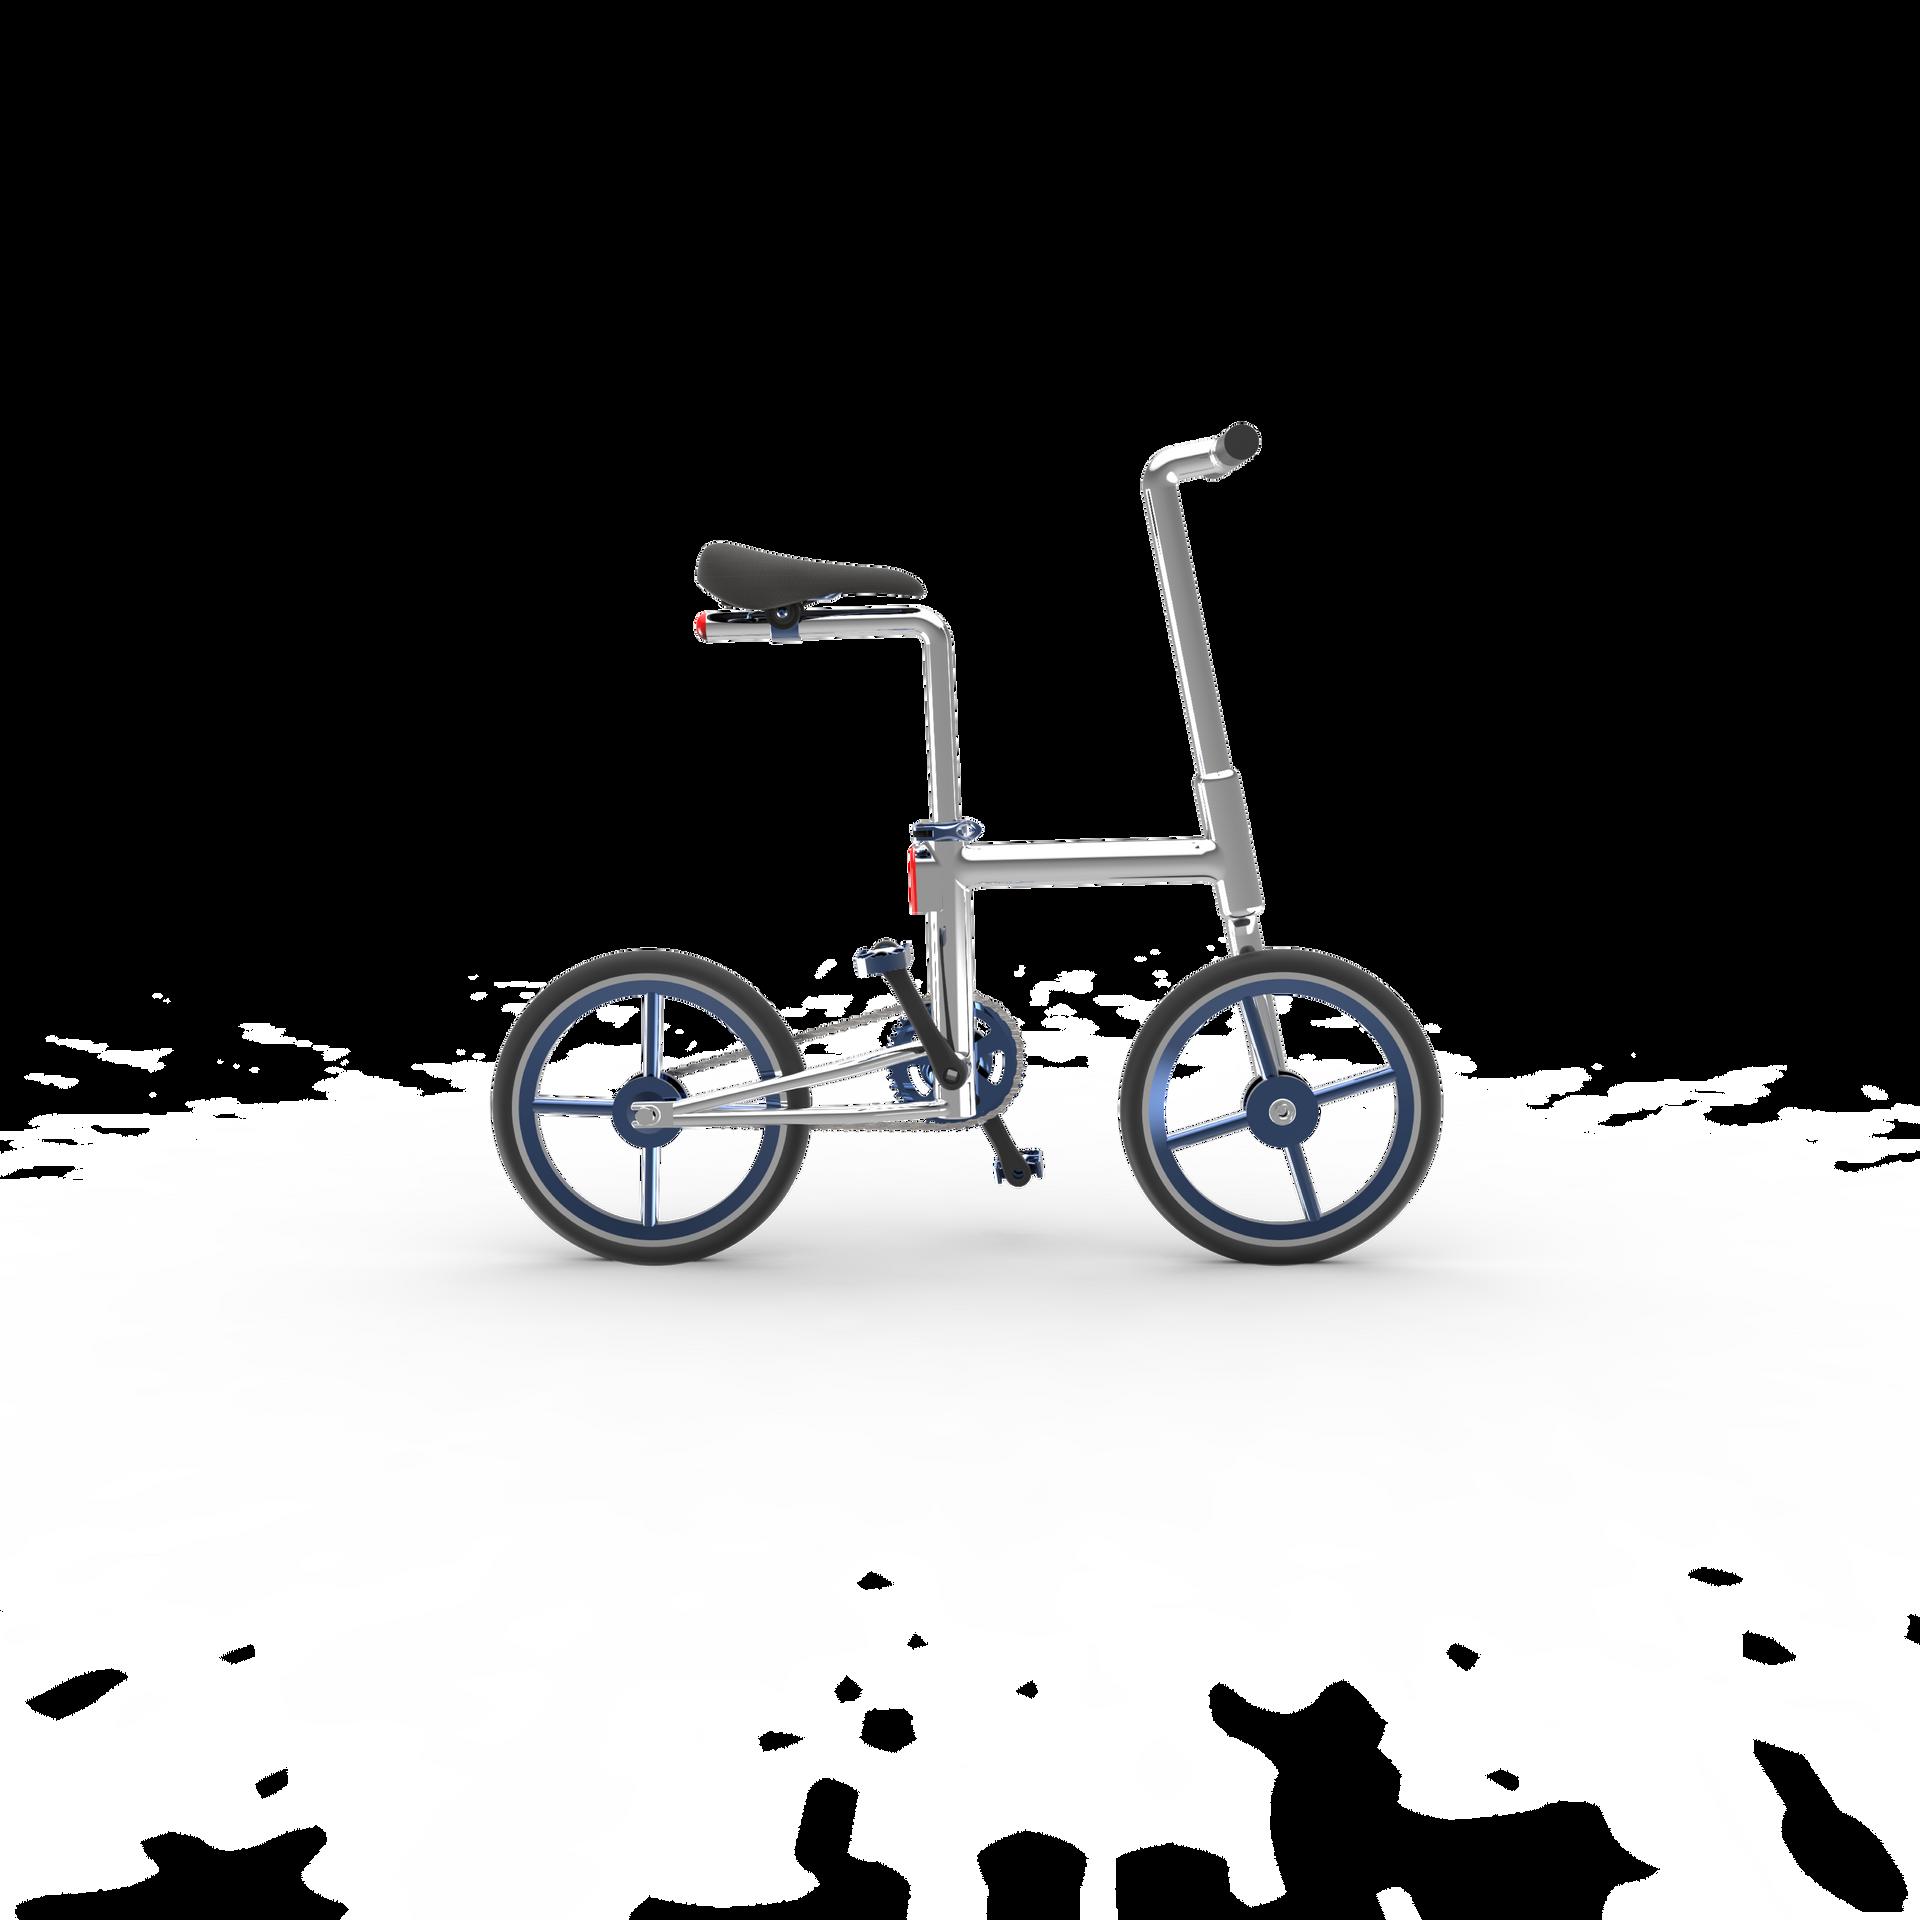 H-bike